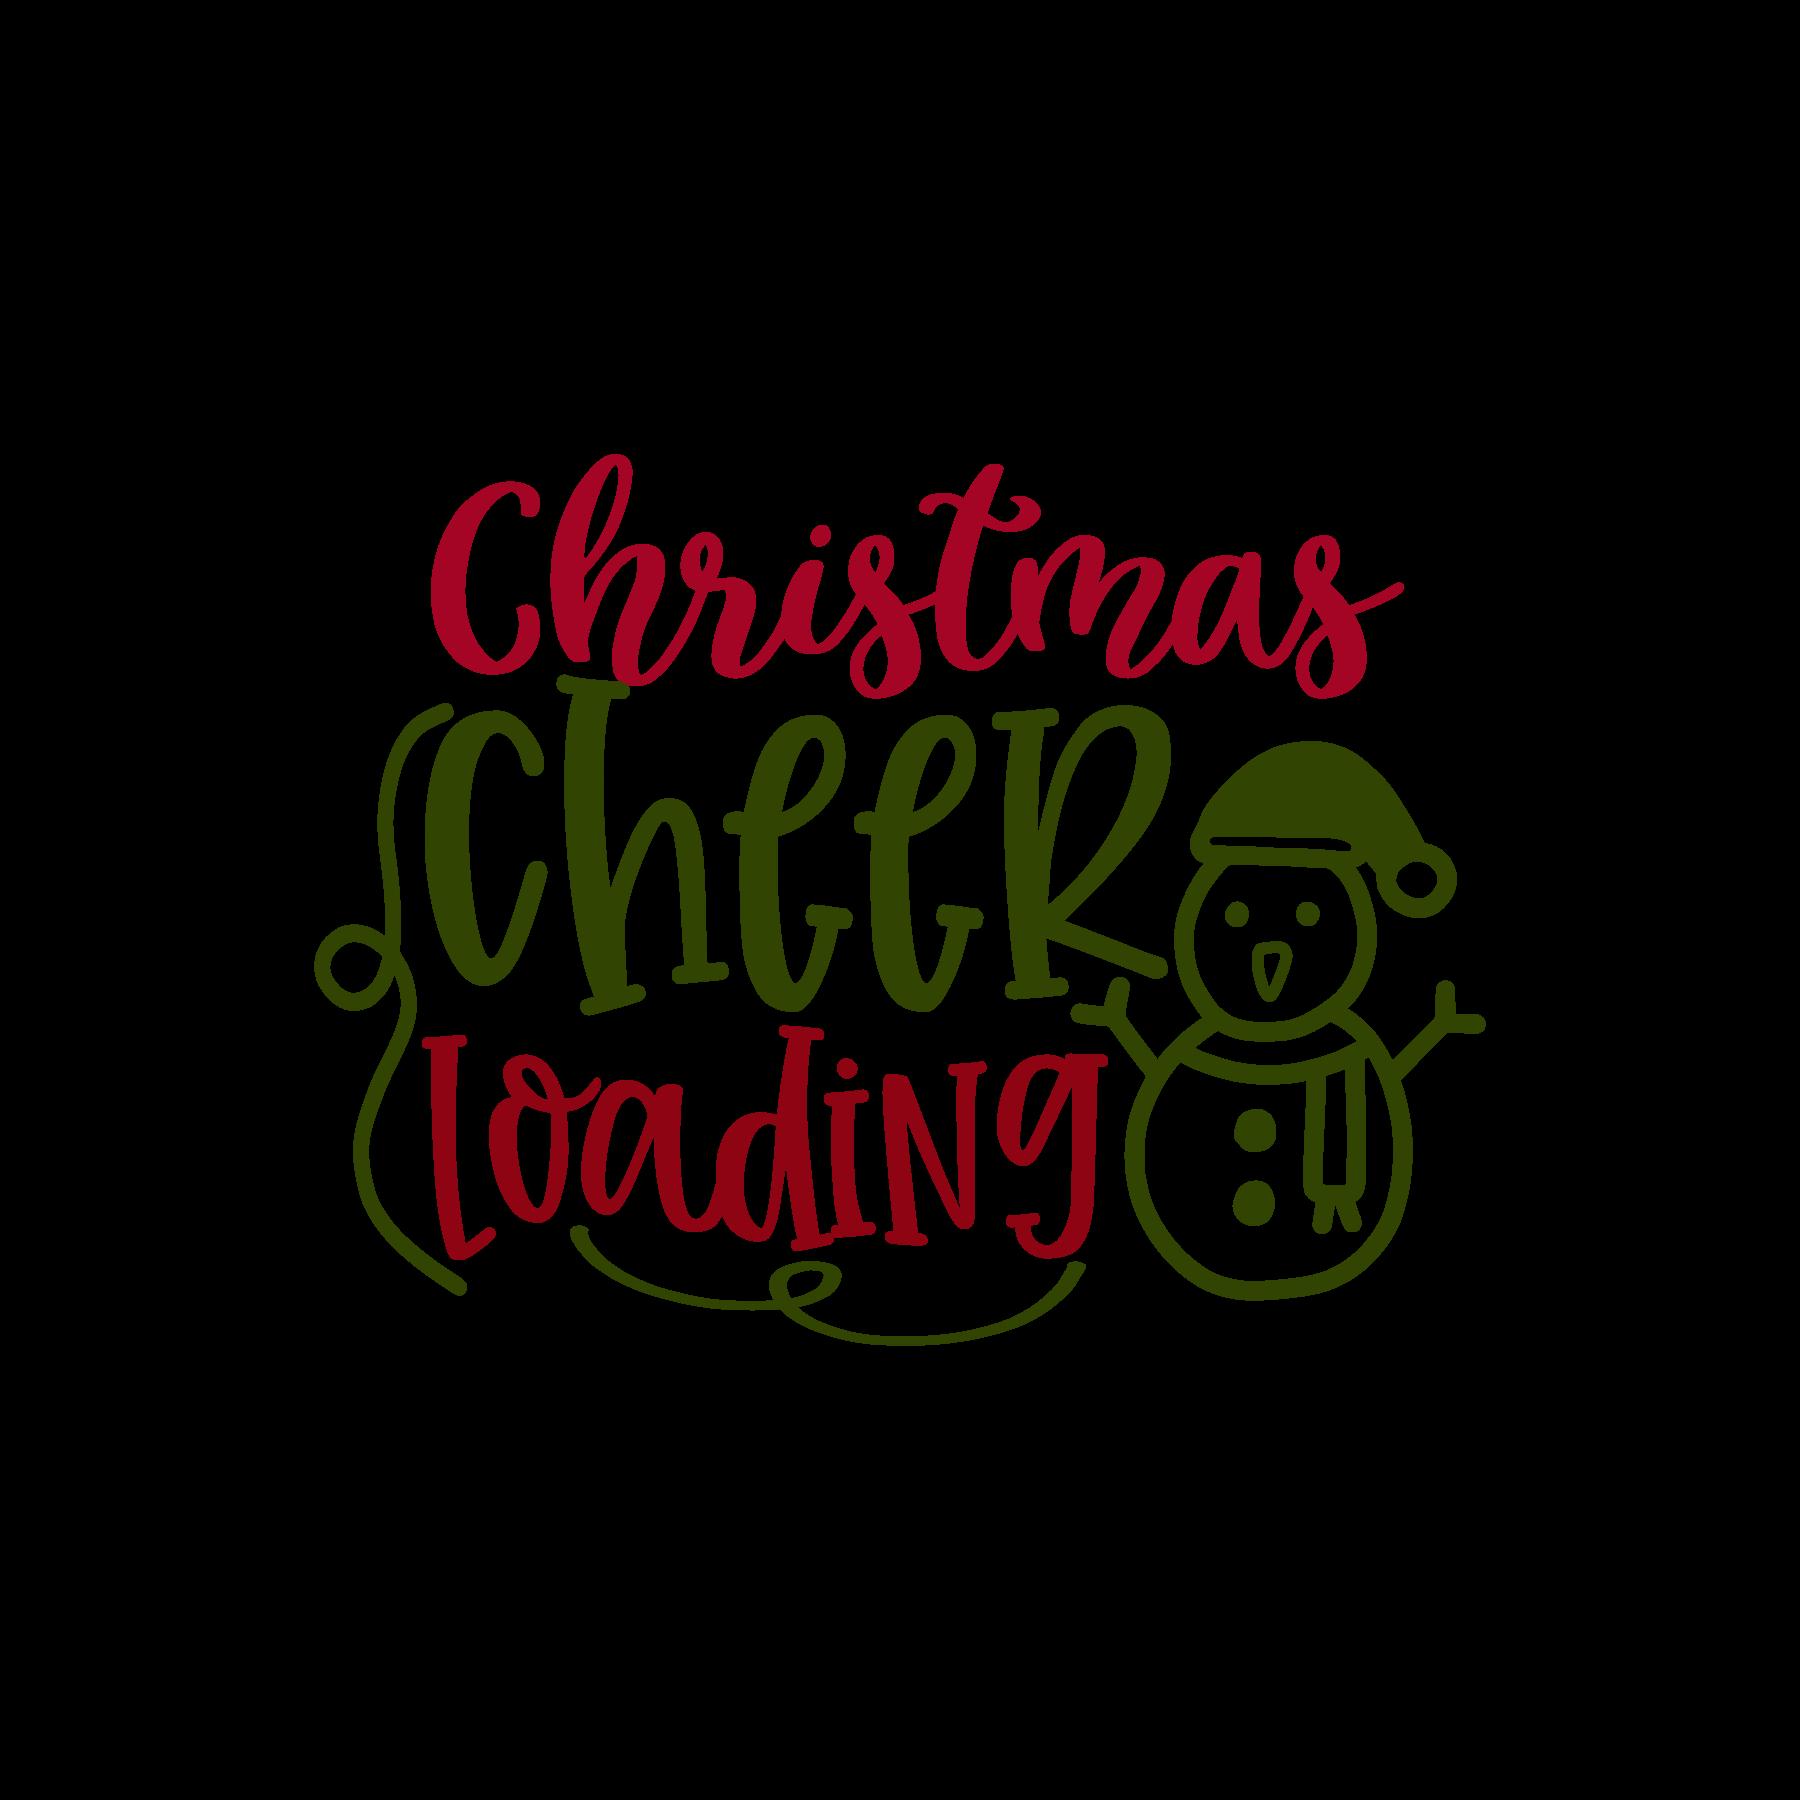 Christmas Cheer Loading SVG File